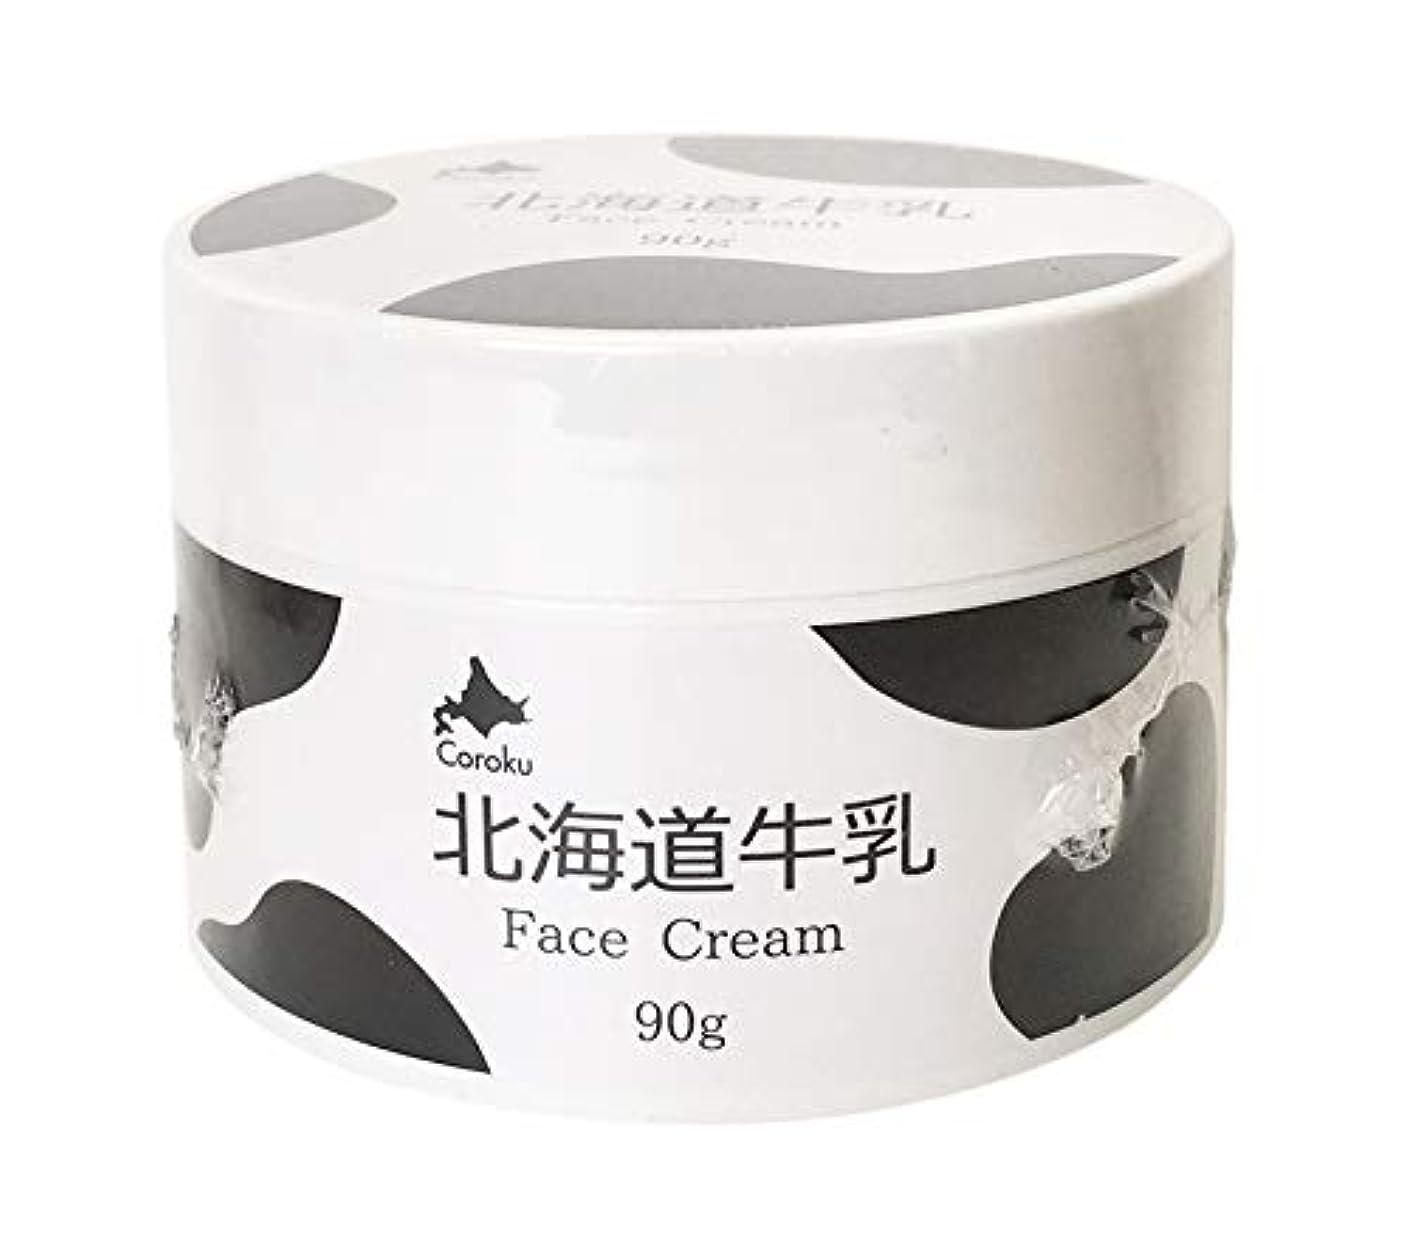 ペチュランス除外する野心北海道牛乳 フェイスクリーム FACE CREAM